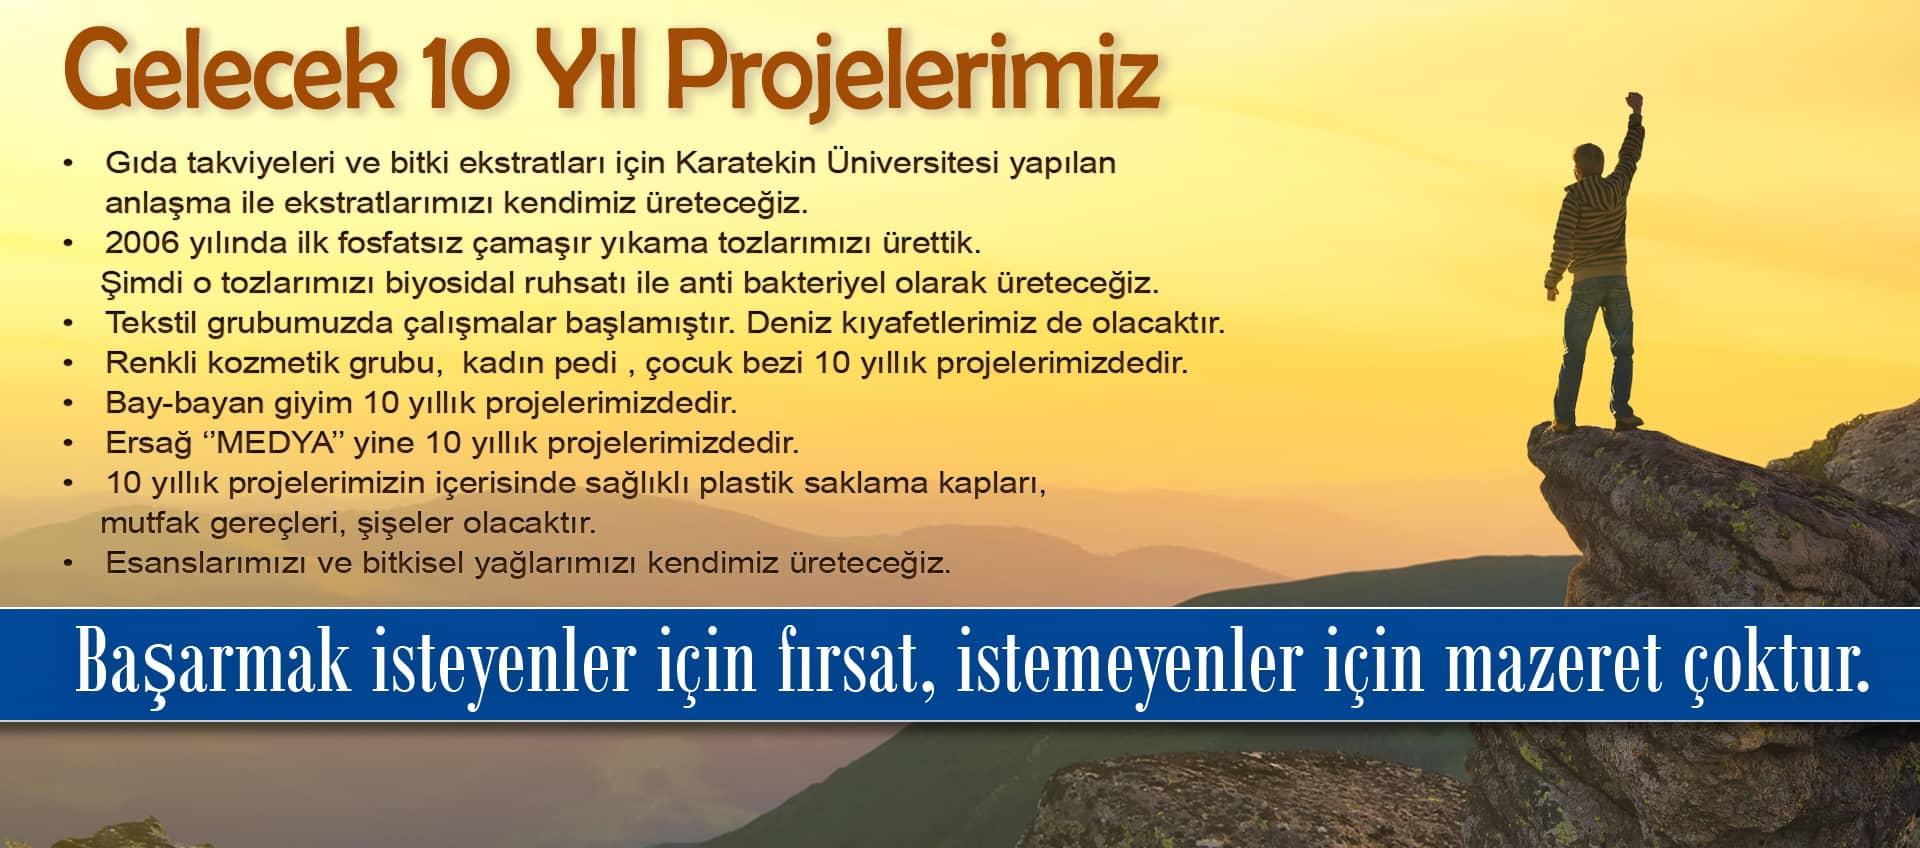 ersağ_projeleri